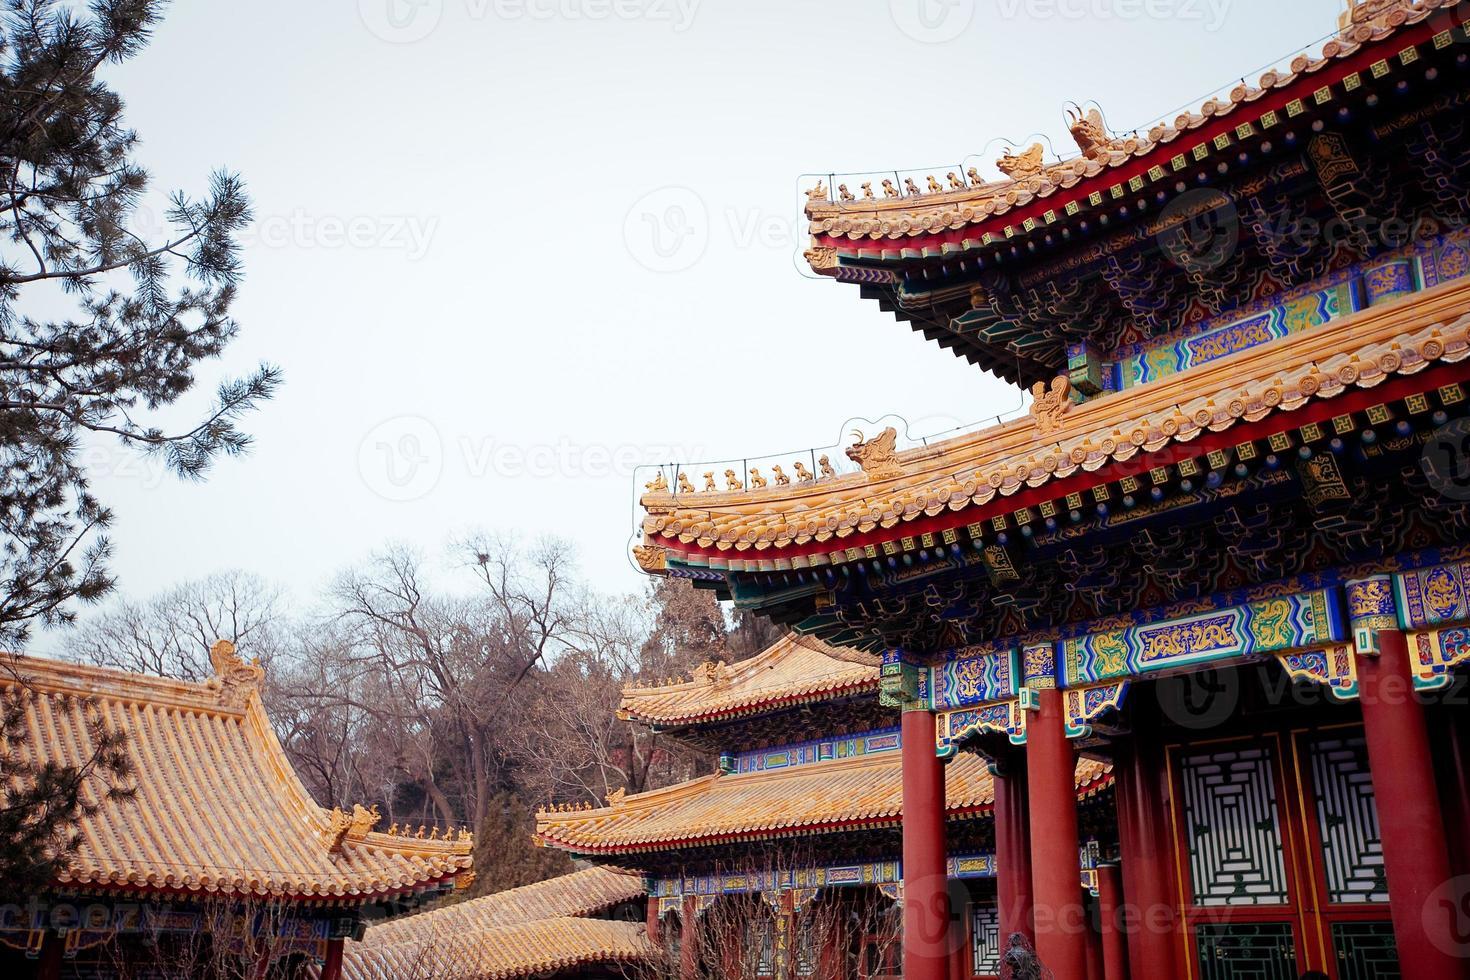 palácio de verão, beijing, china foto